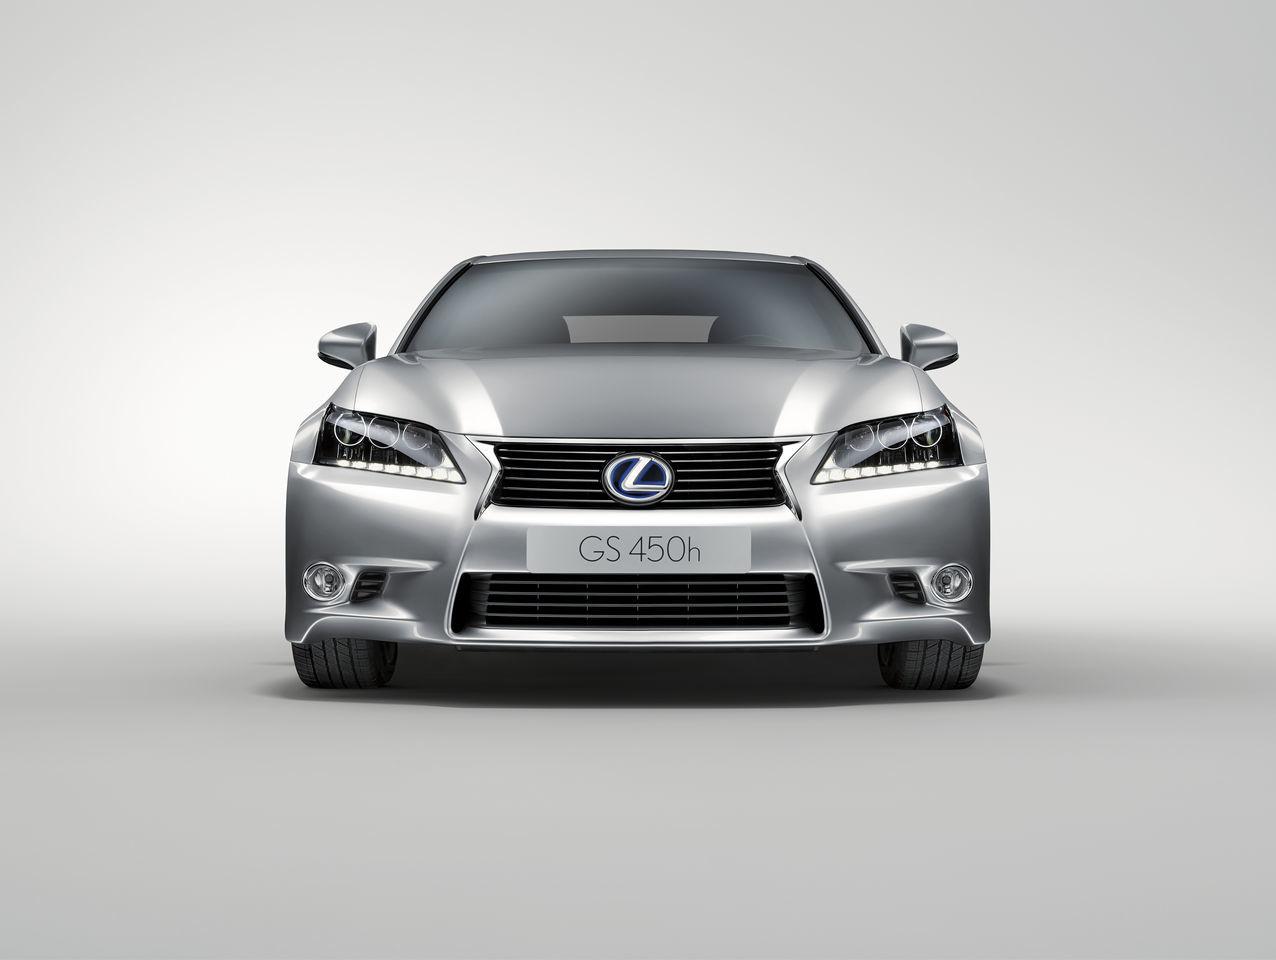 Foto de Lexus GS 450h (2012) (1/62)